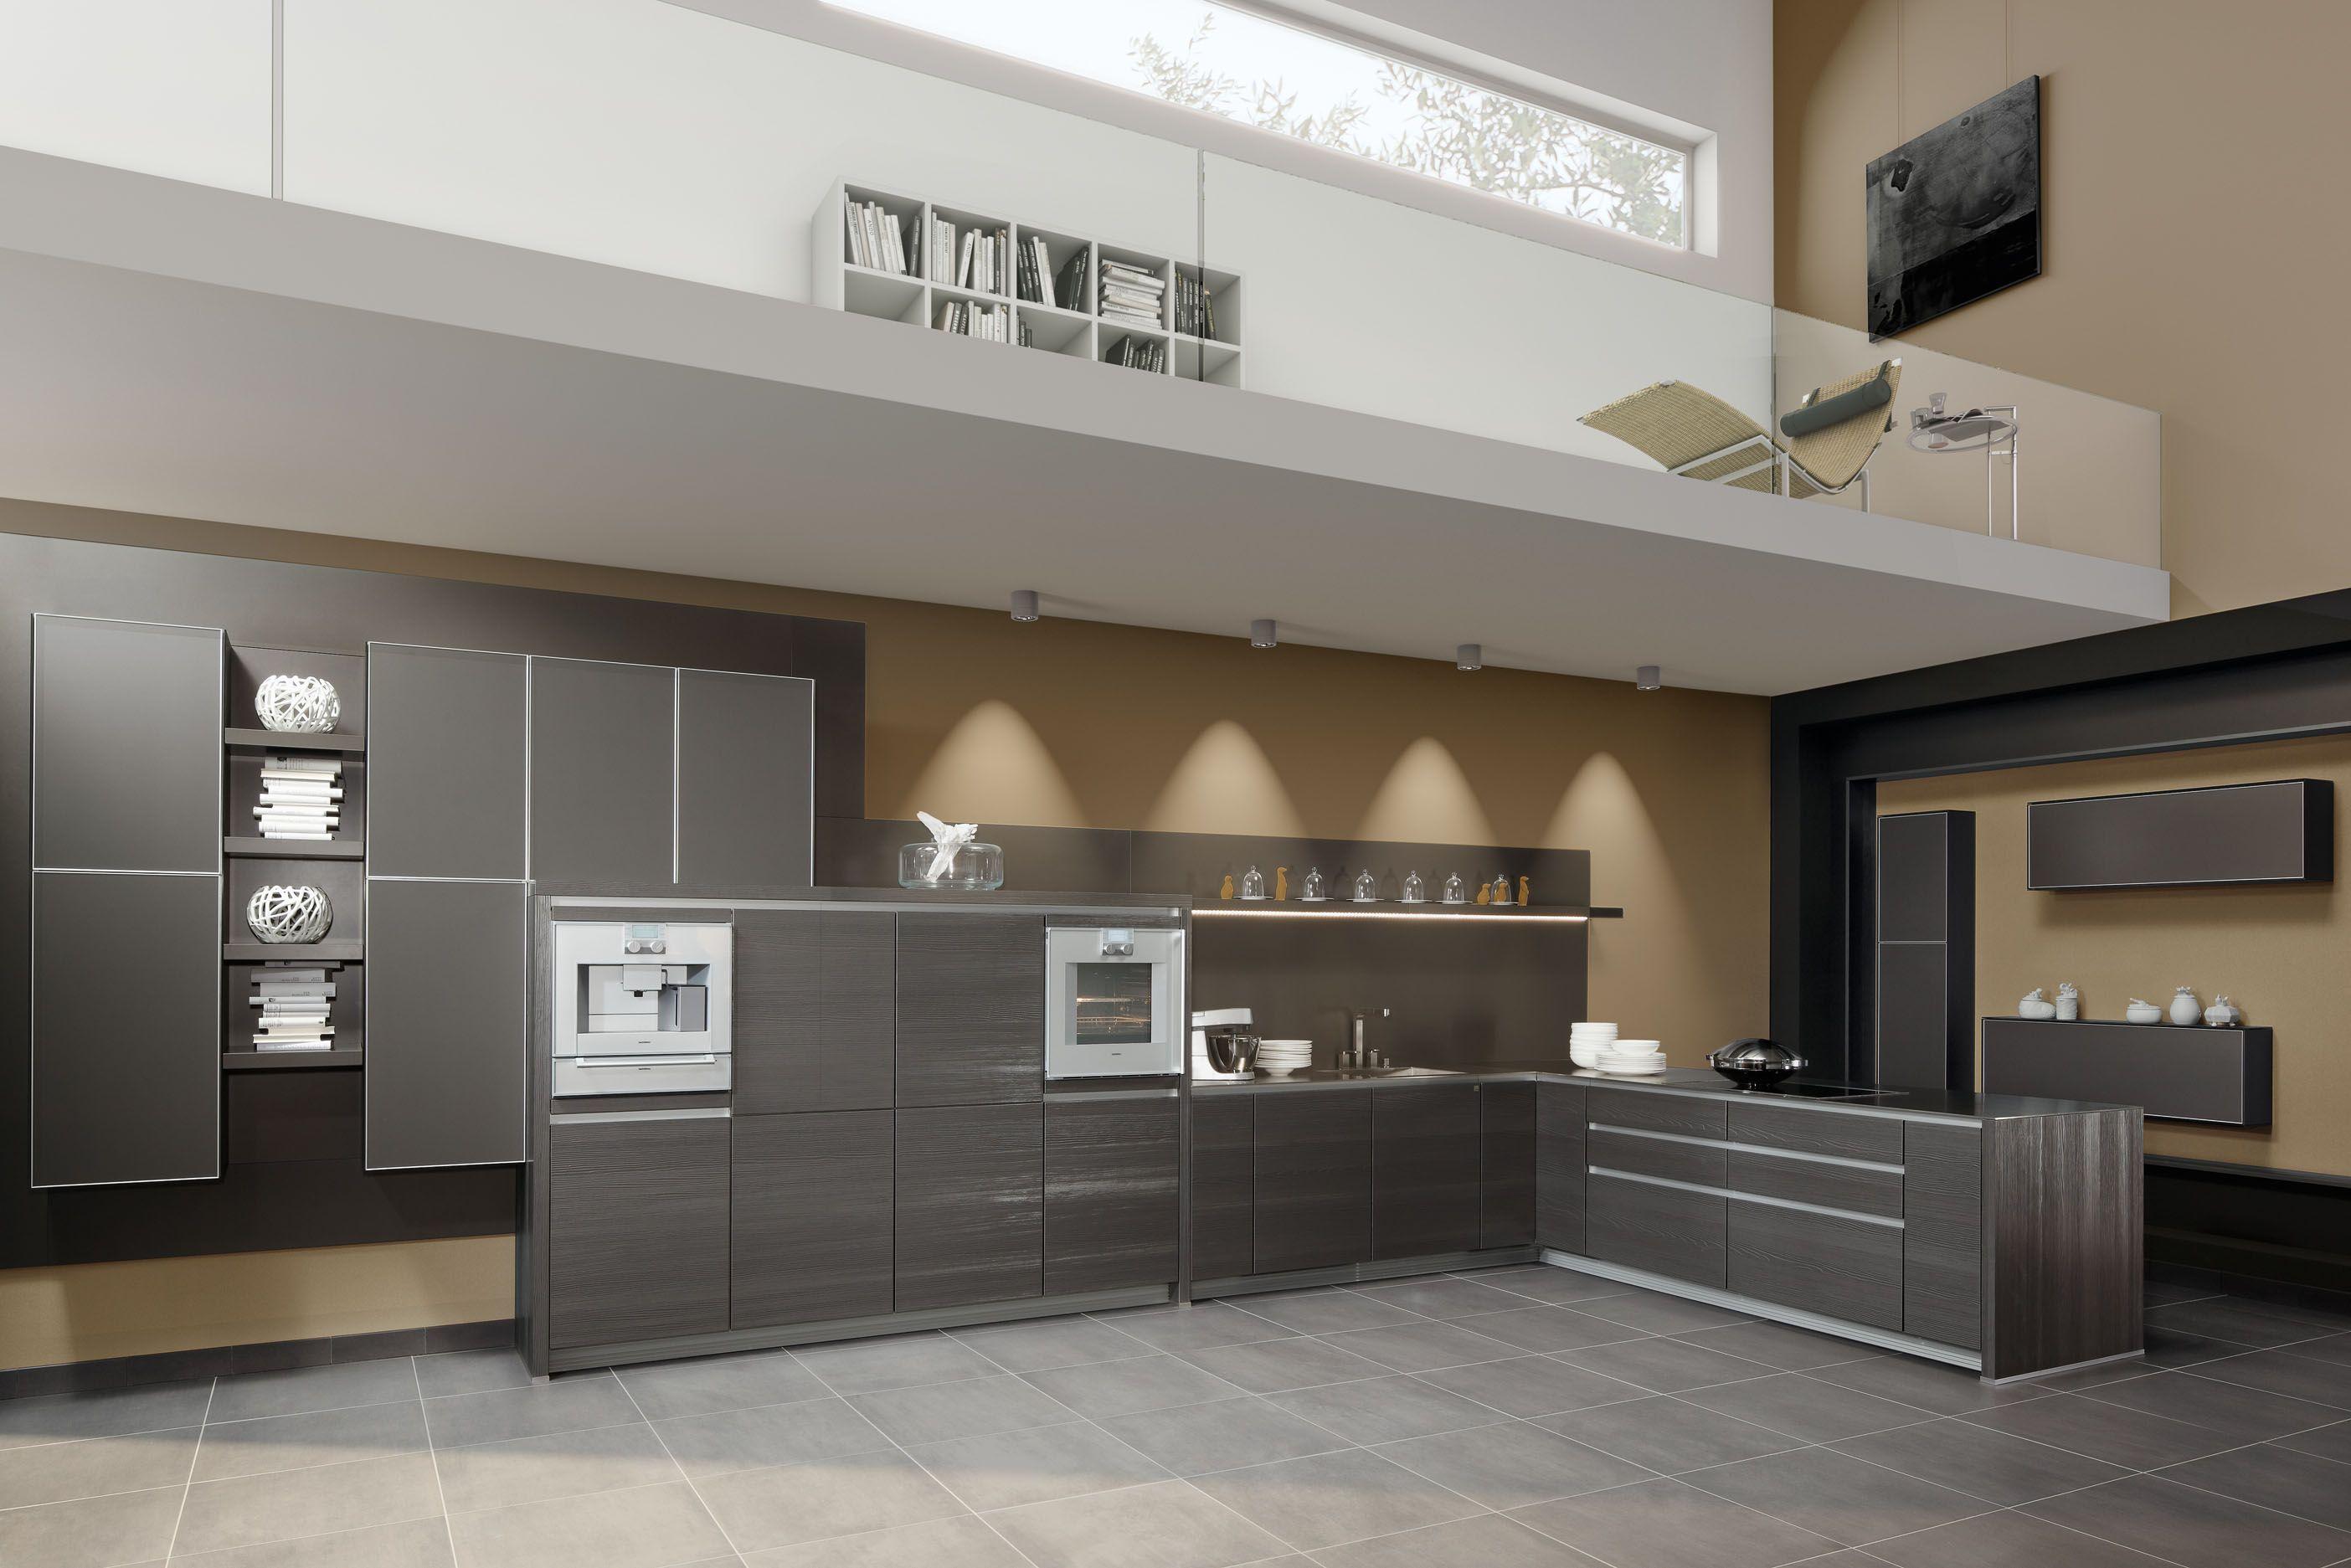 Grote Keuken Showroom – Atumre.com